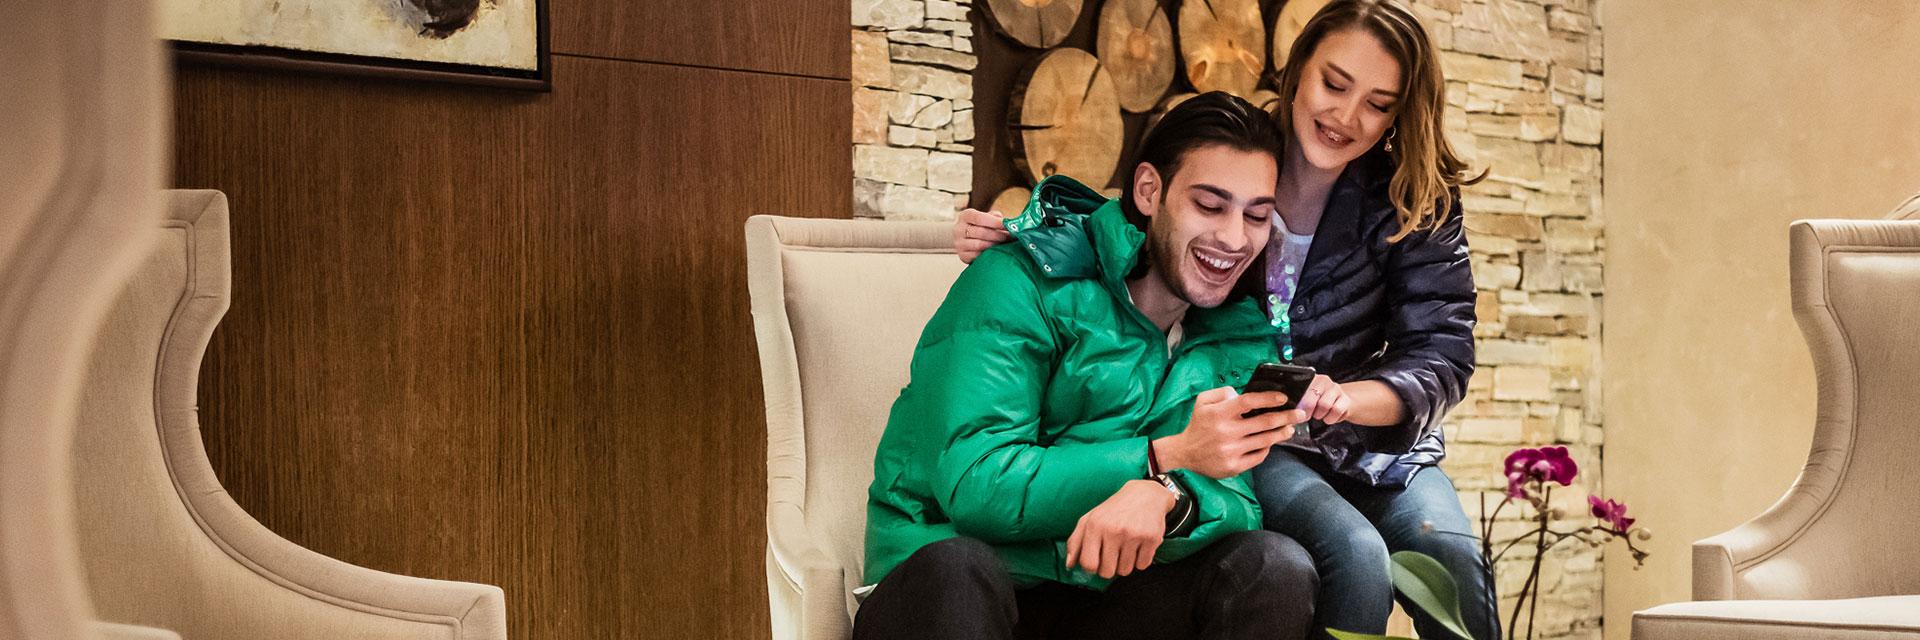 Contact at Hotel Azerbaijan Top